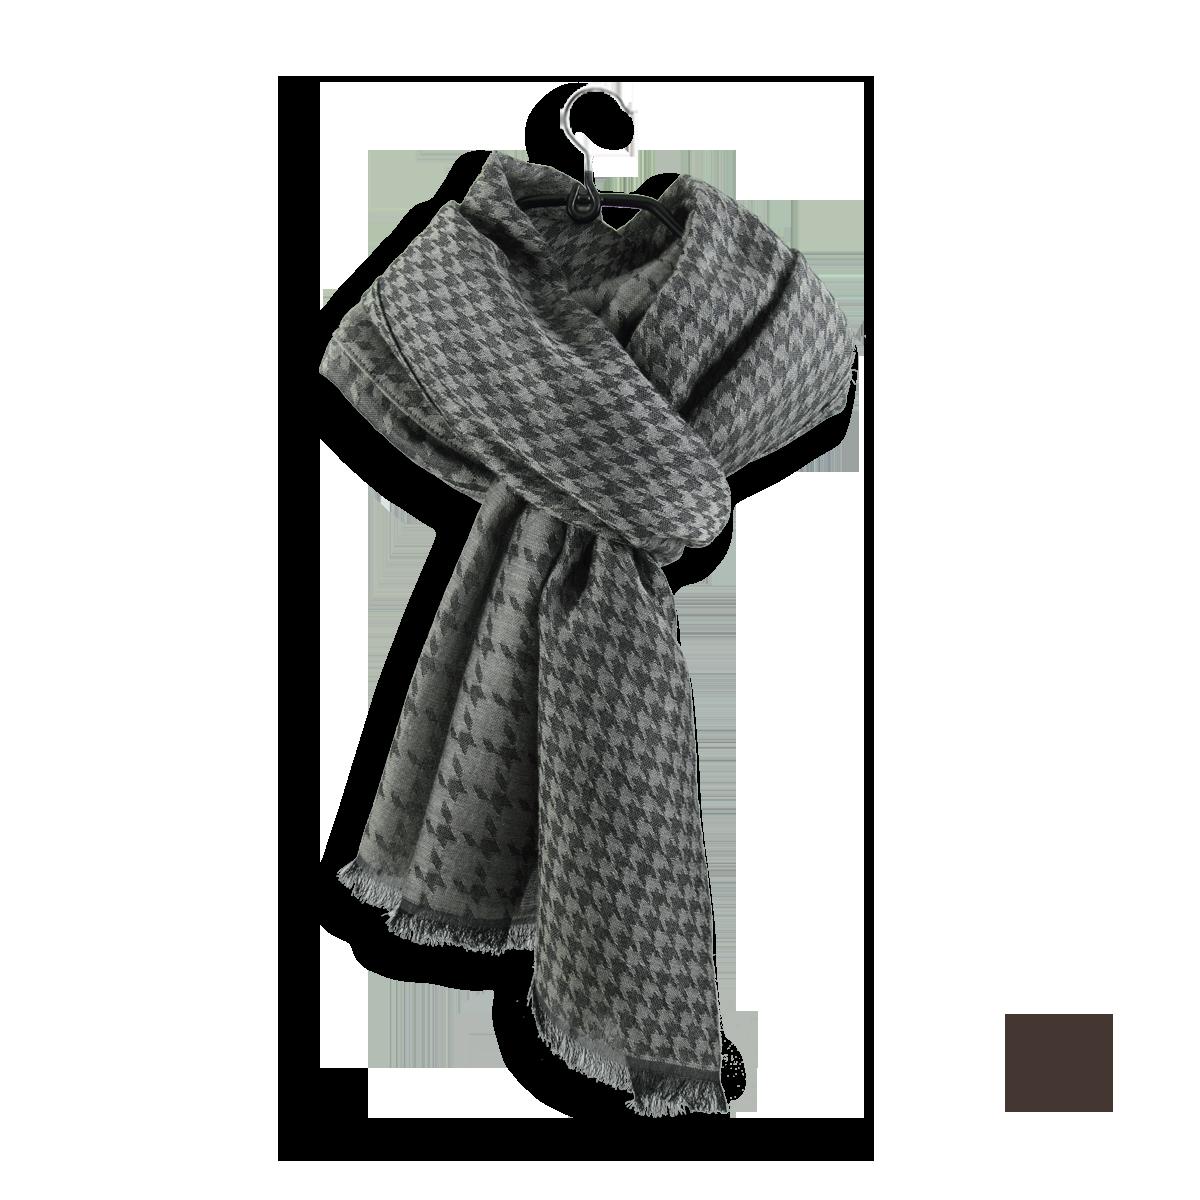 509a0c7180f Grande écharpe Homme en Coton Soie Beige - Joli écharpe cachemire